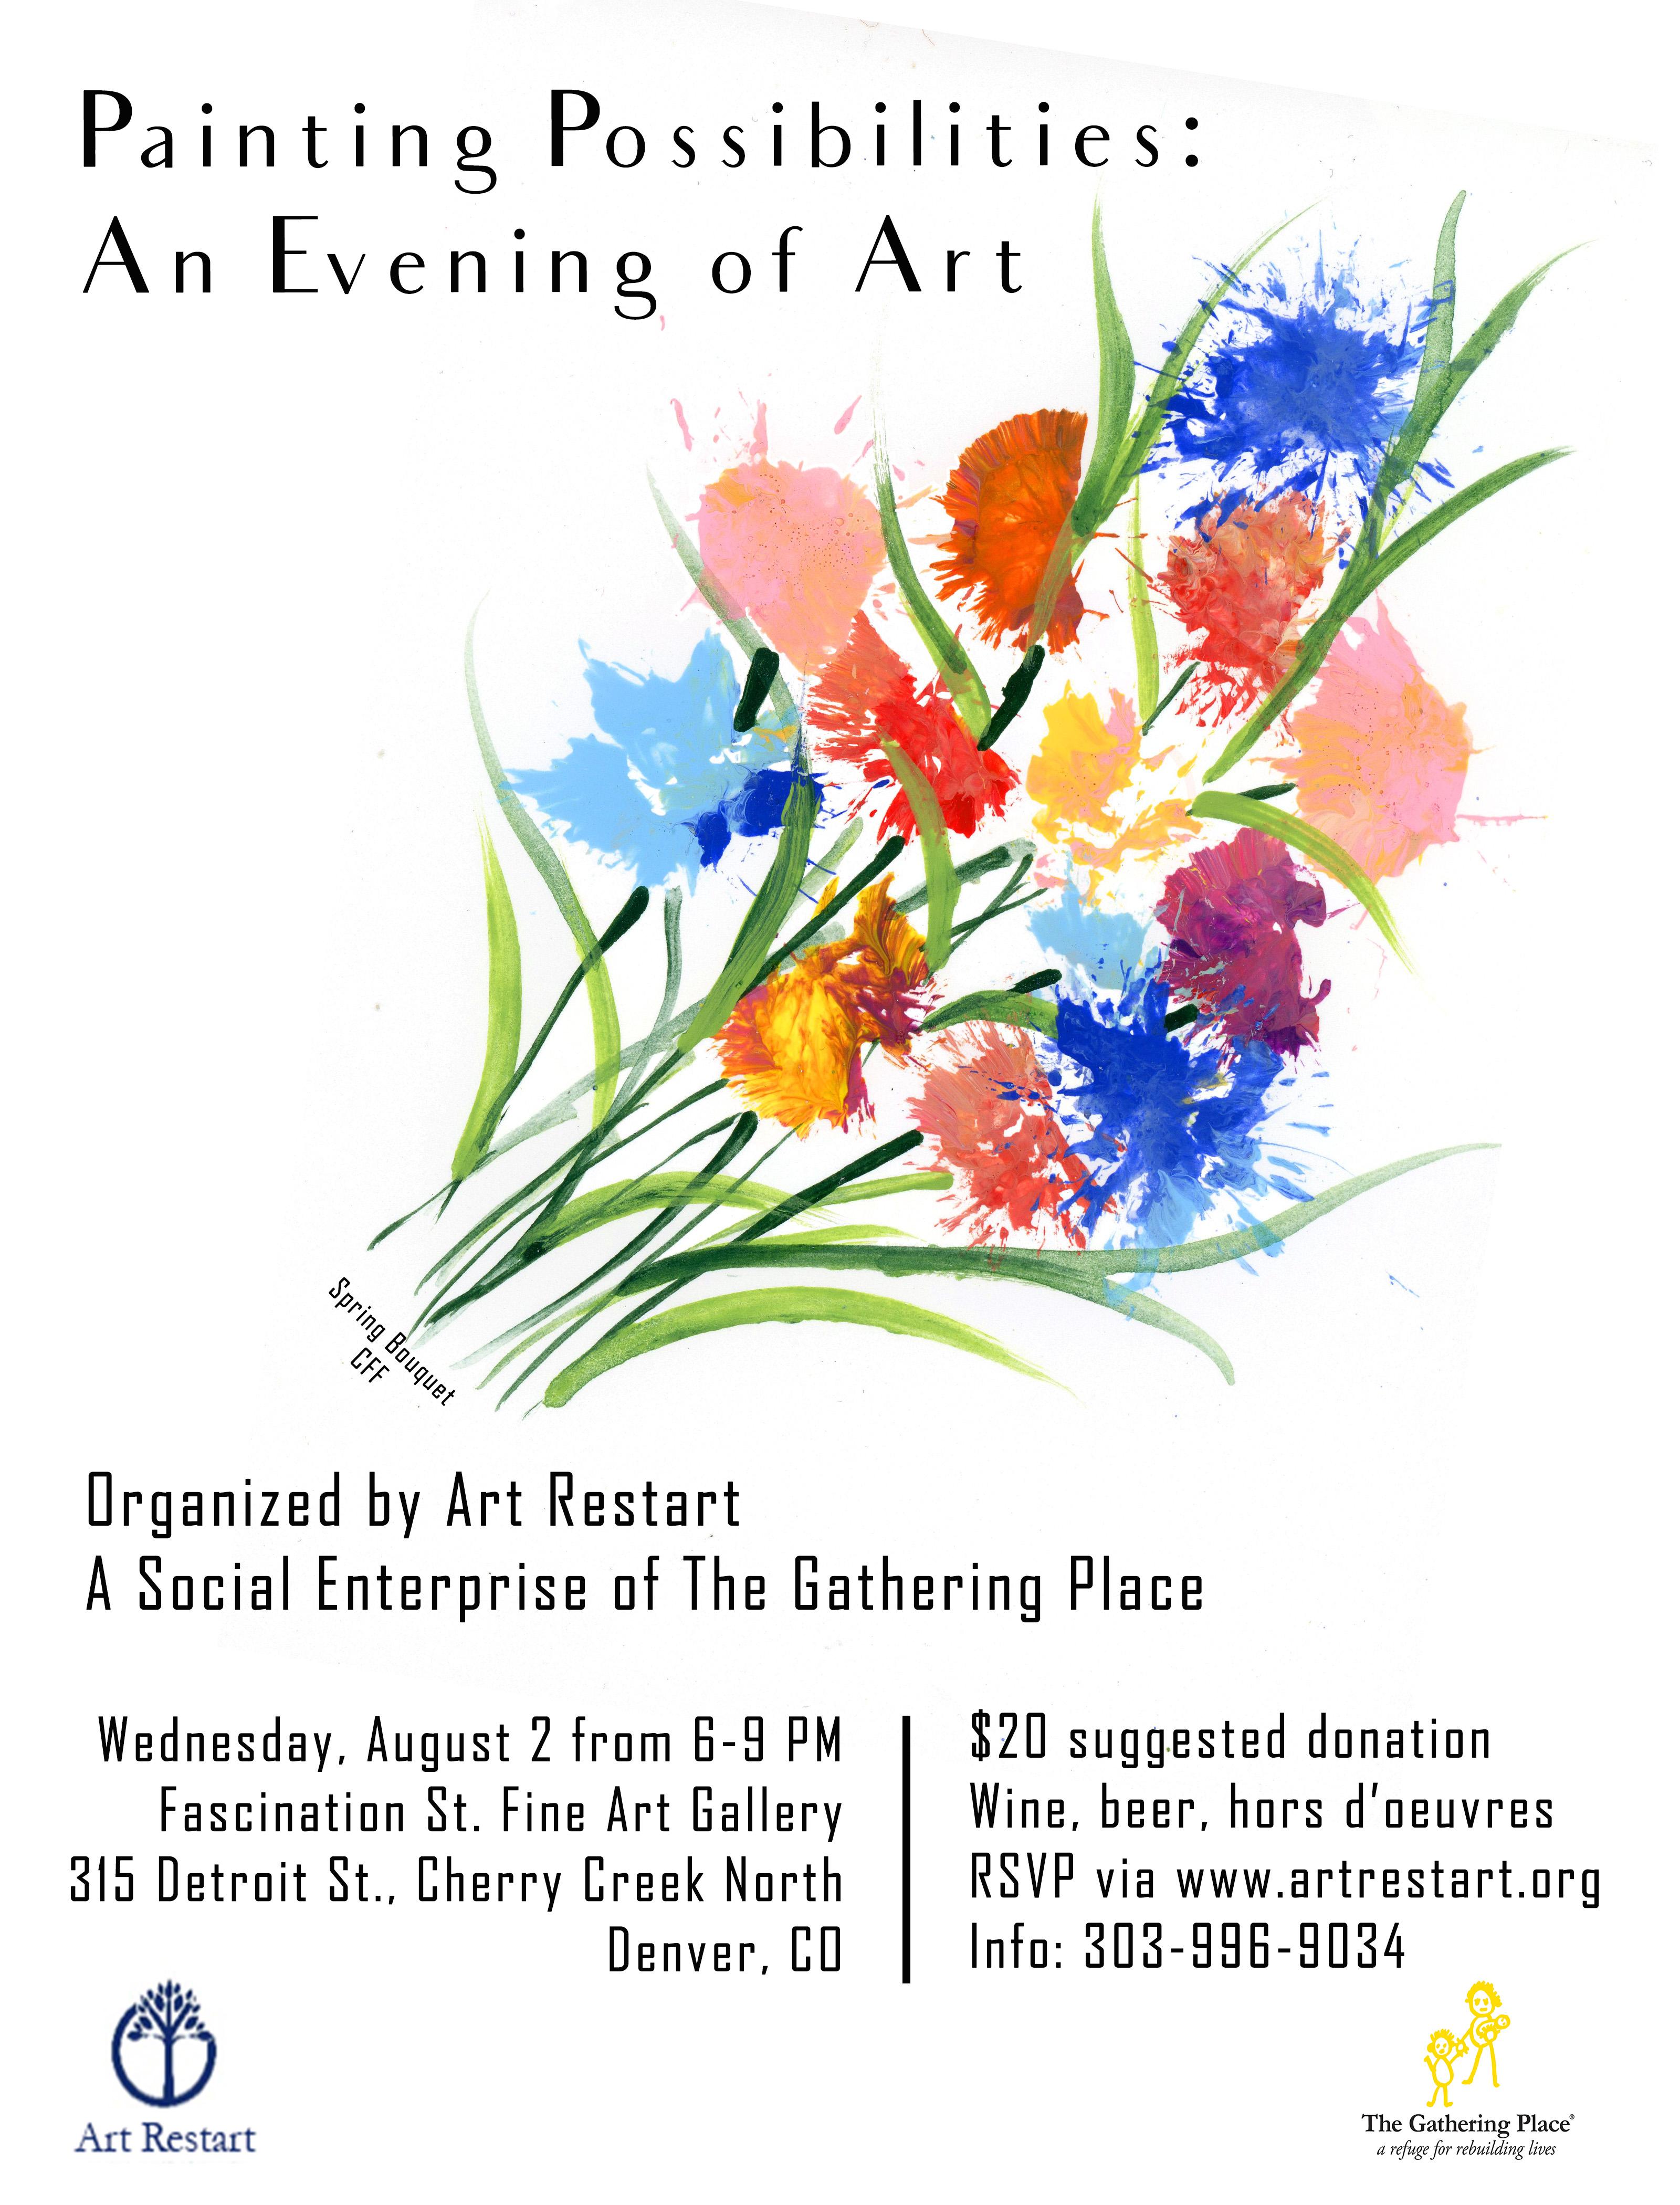 Art Restart Exhibition Wednesday, August 2